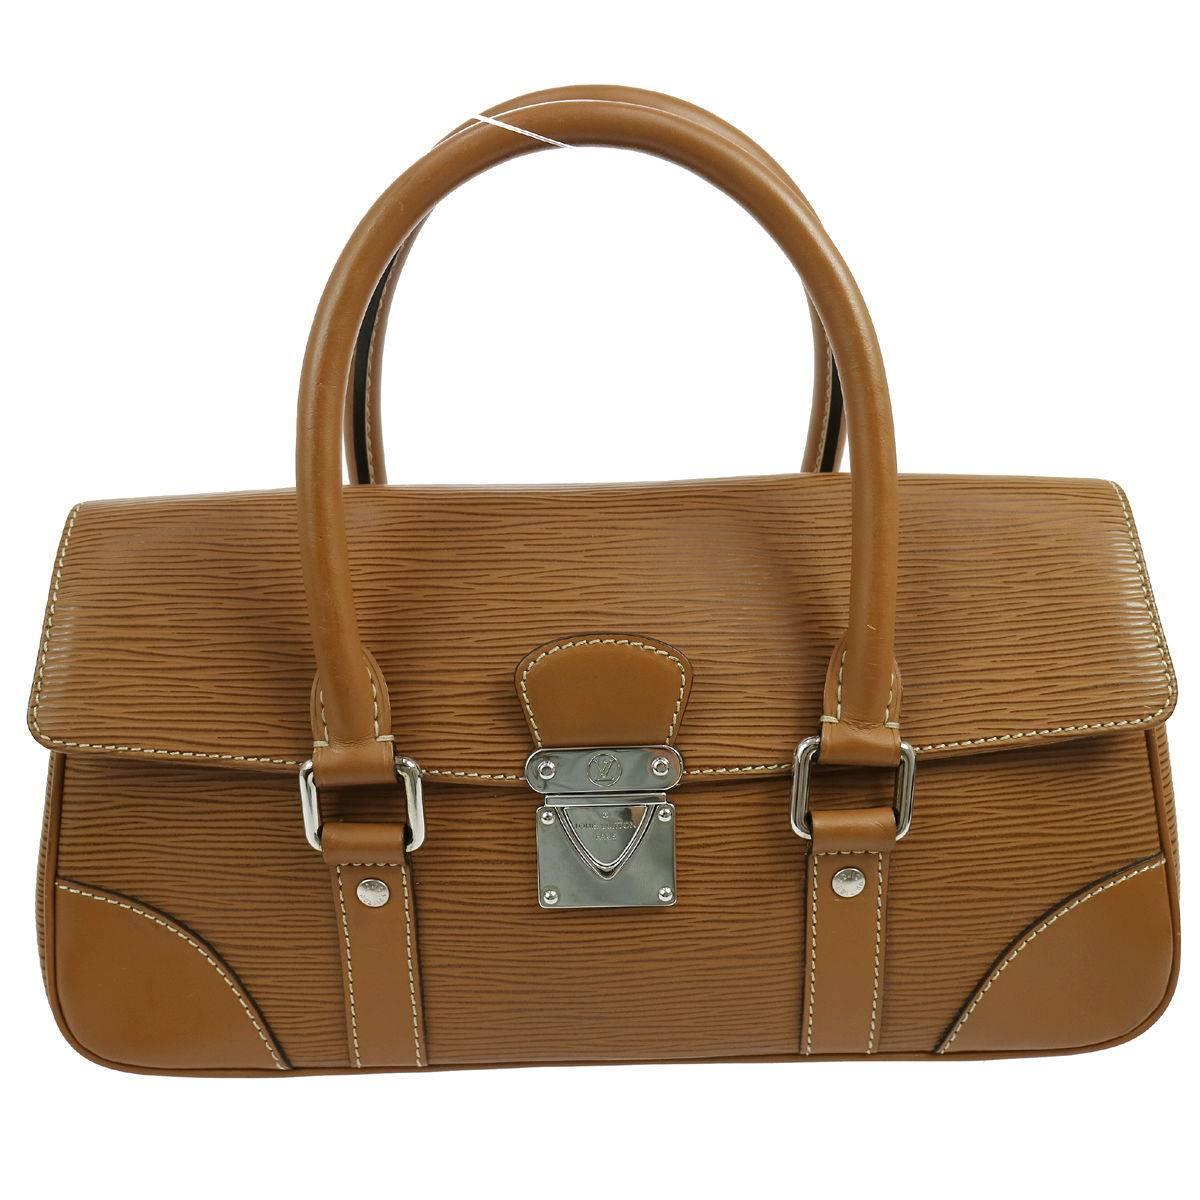 Louis Vuitton Cognac Brown Leather Silver Evening Top Handle Satchel Boston Bag AP8udH